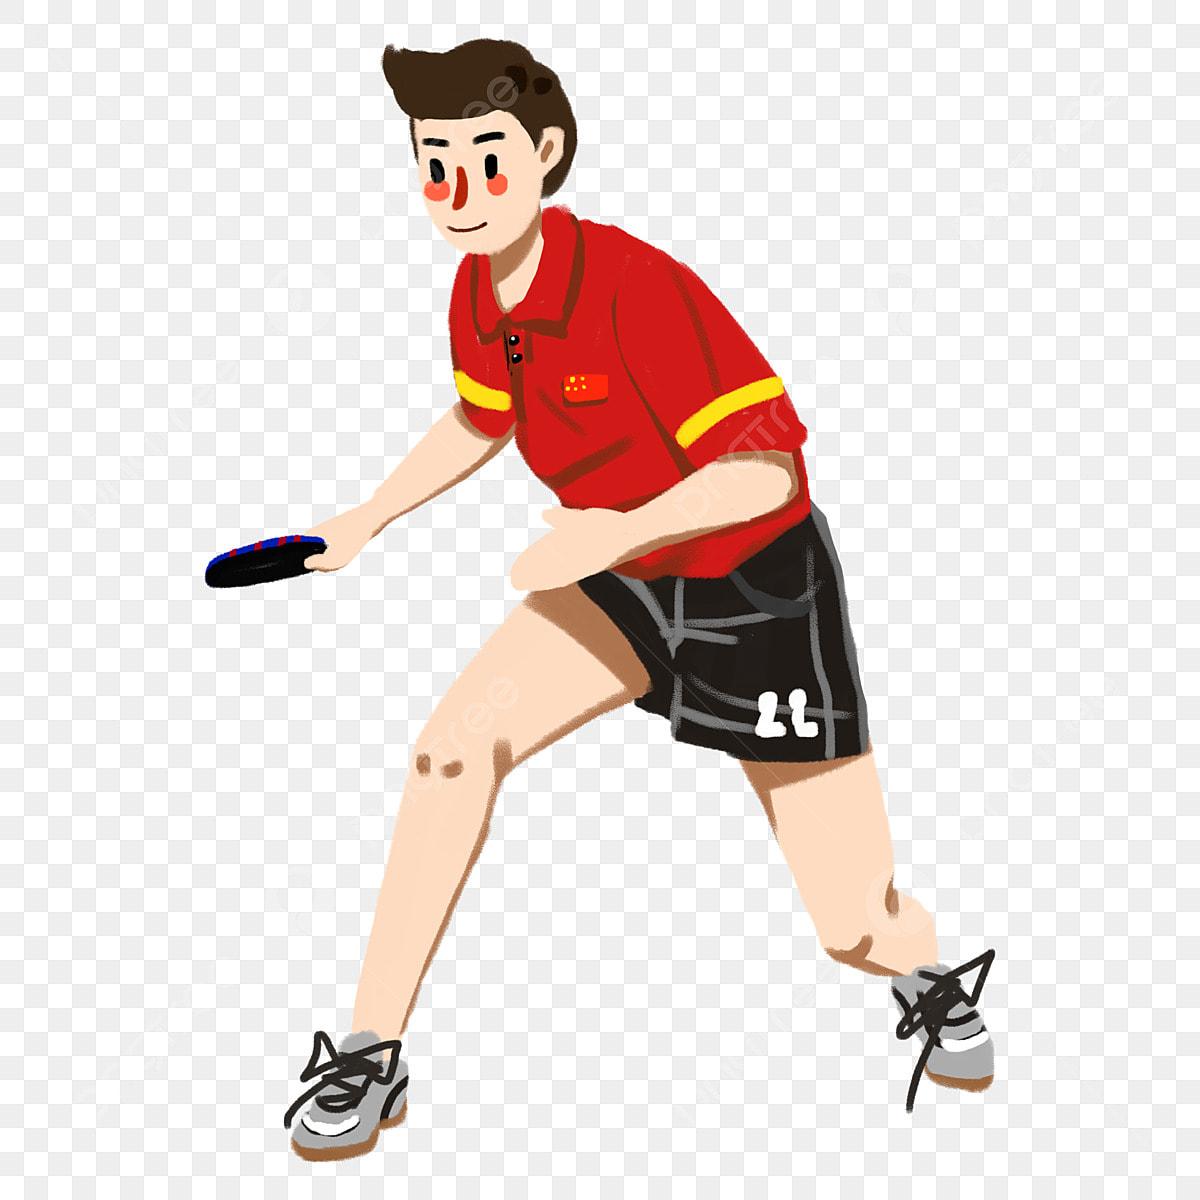 กีฬาโอลิมปิก โครงการโอลิมปิก เกมส์ กีฬา, กีฬาโอลิมปิก, น่ารัก,  เทเบิลเทนนิสภาพ PNG และ PSD สำหรับดาวน์โหลดฟรี